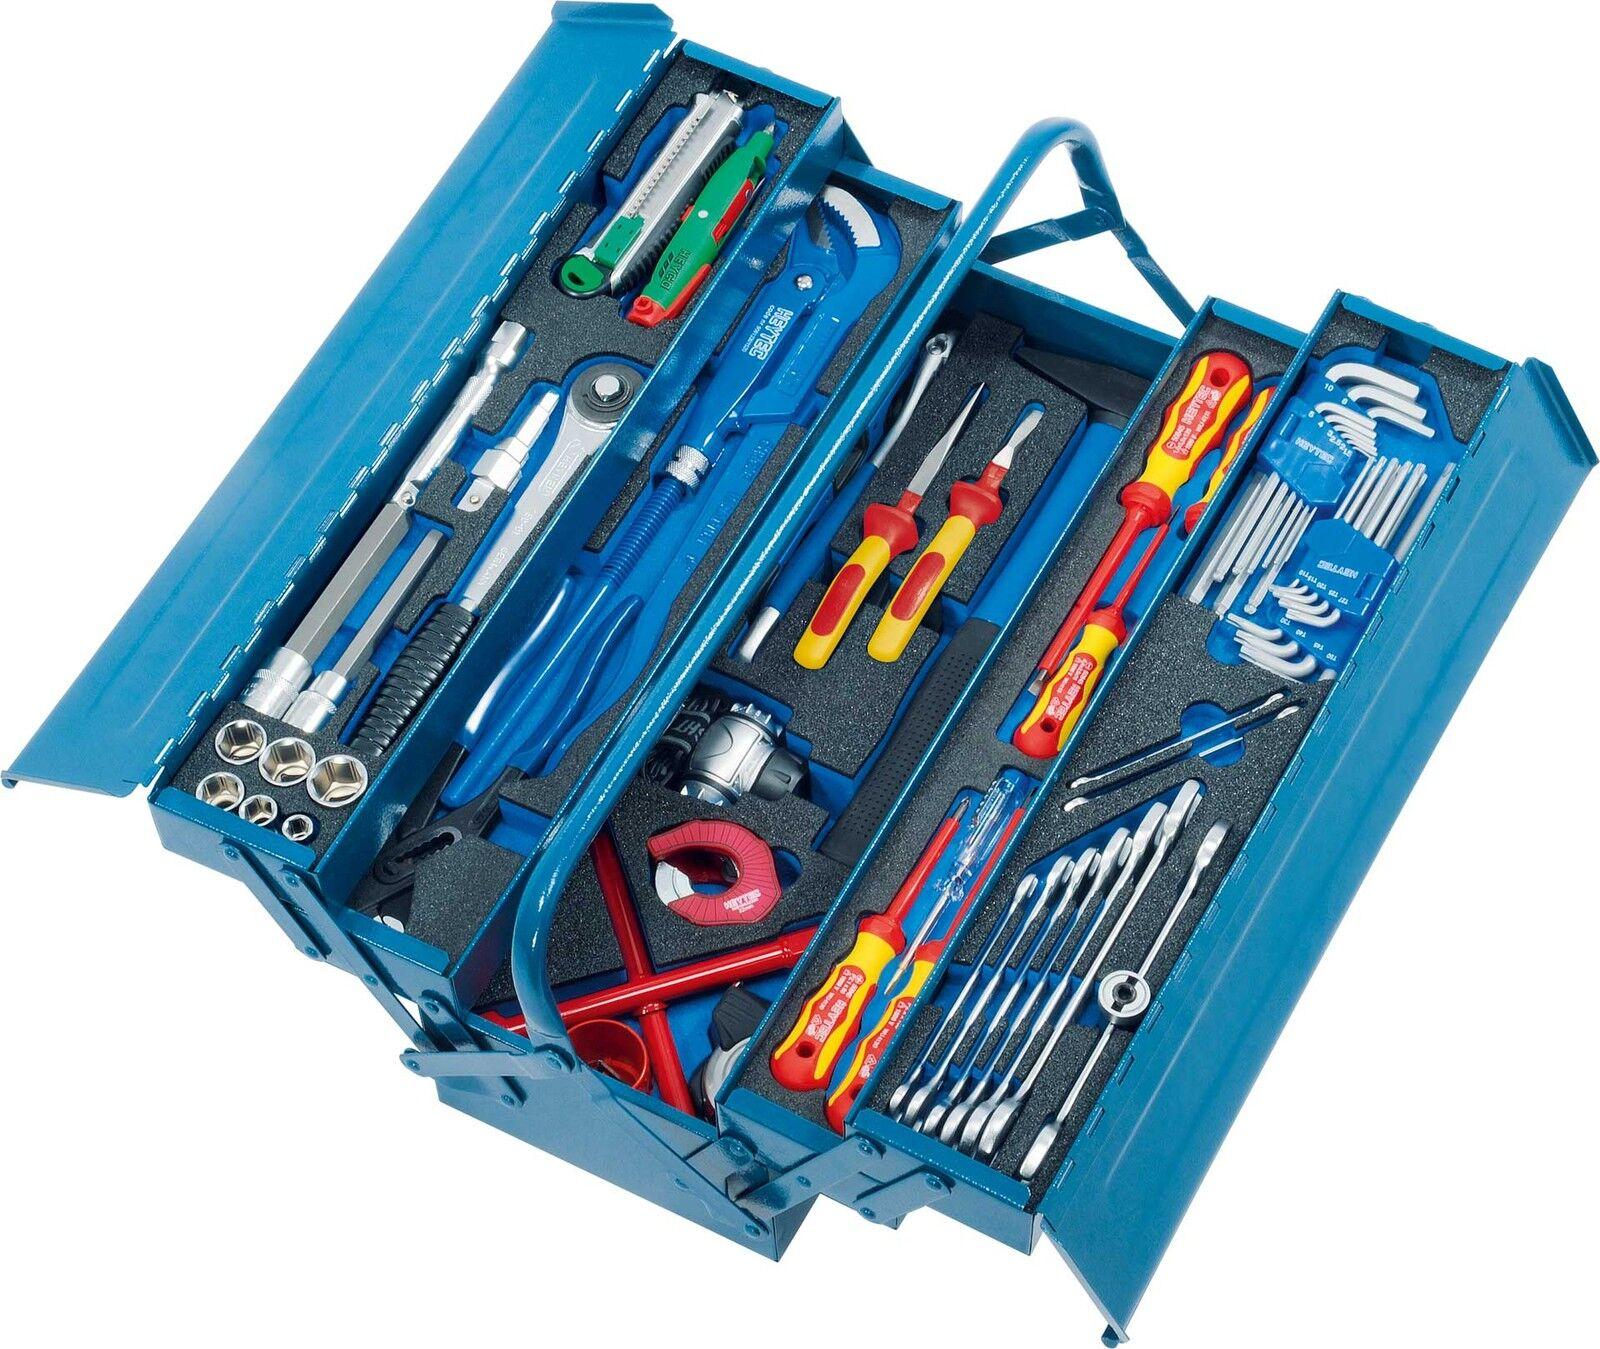 HEYCO HEYTEC Sanitär-Werkzeugkasten mit Modulen 50807764600